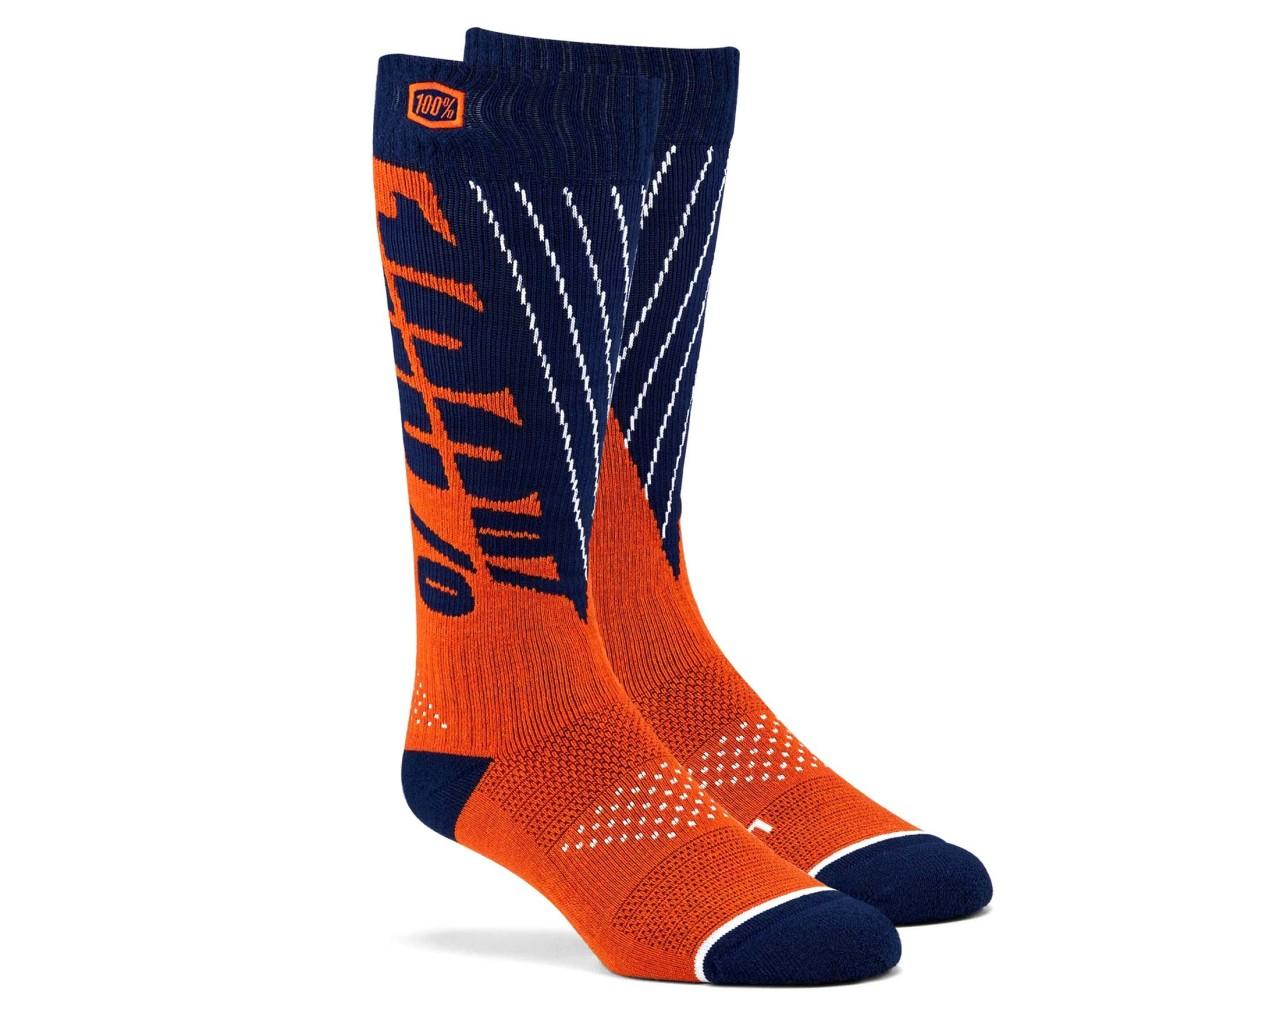 100% Torque Comfort Moto Socken | navy-orange